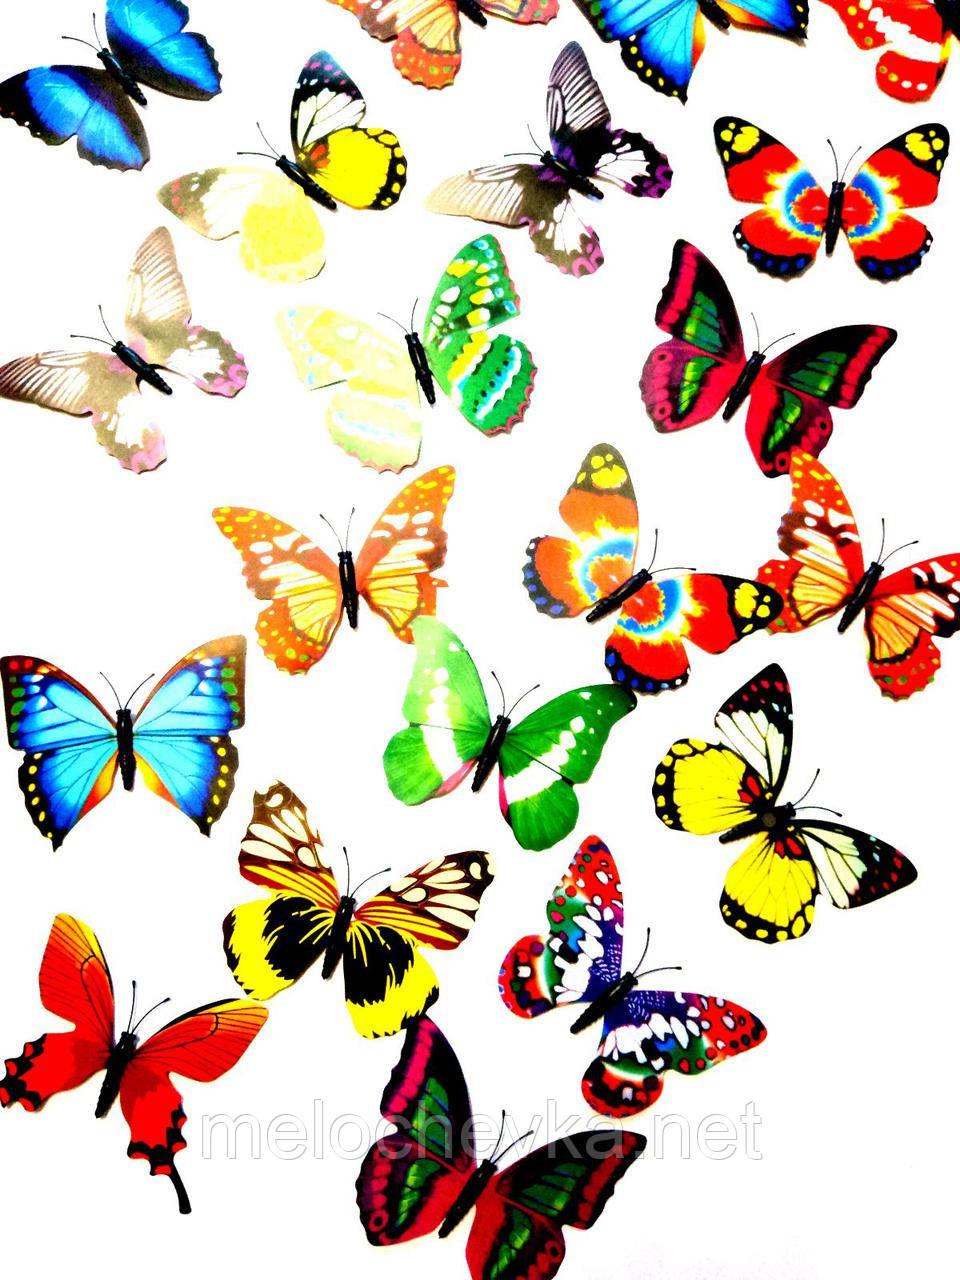 Бабочка на магните для интерьера